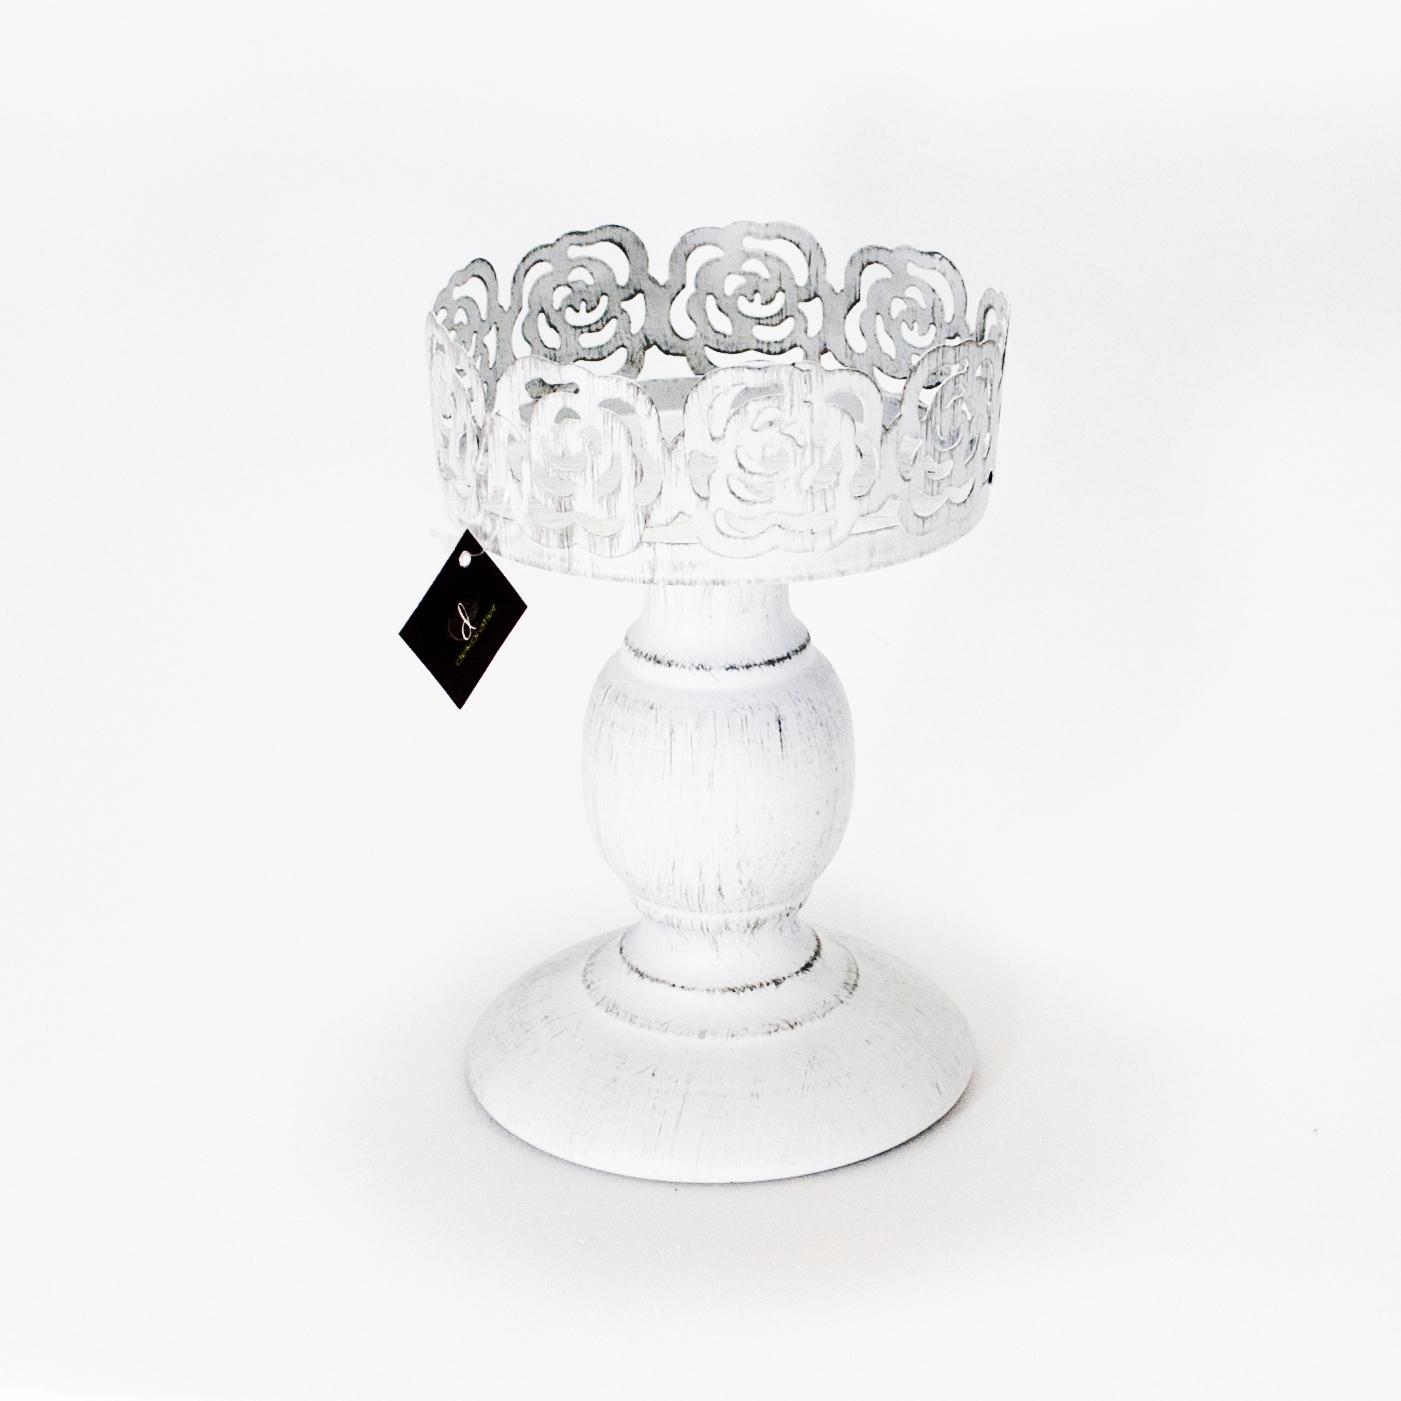 Подсвечник большой без стекла (Мебель и предметы интерьера)Мебель и предметы интерьера<br>Металлический подсвечник на ножке без стекла11x11x18,5 см Производитель: Dekoratief, Бельгия<br>